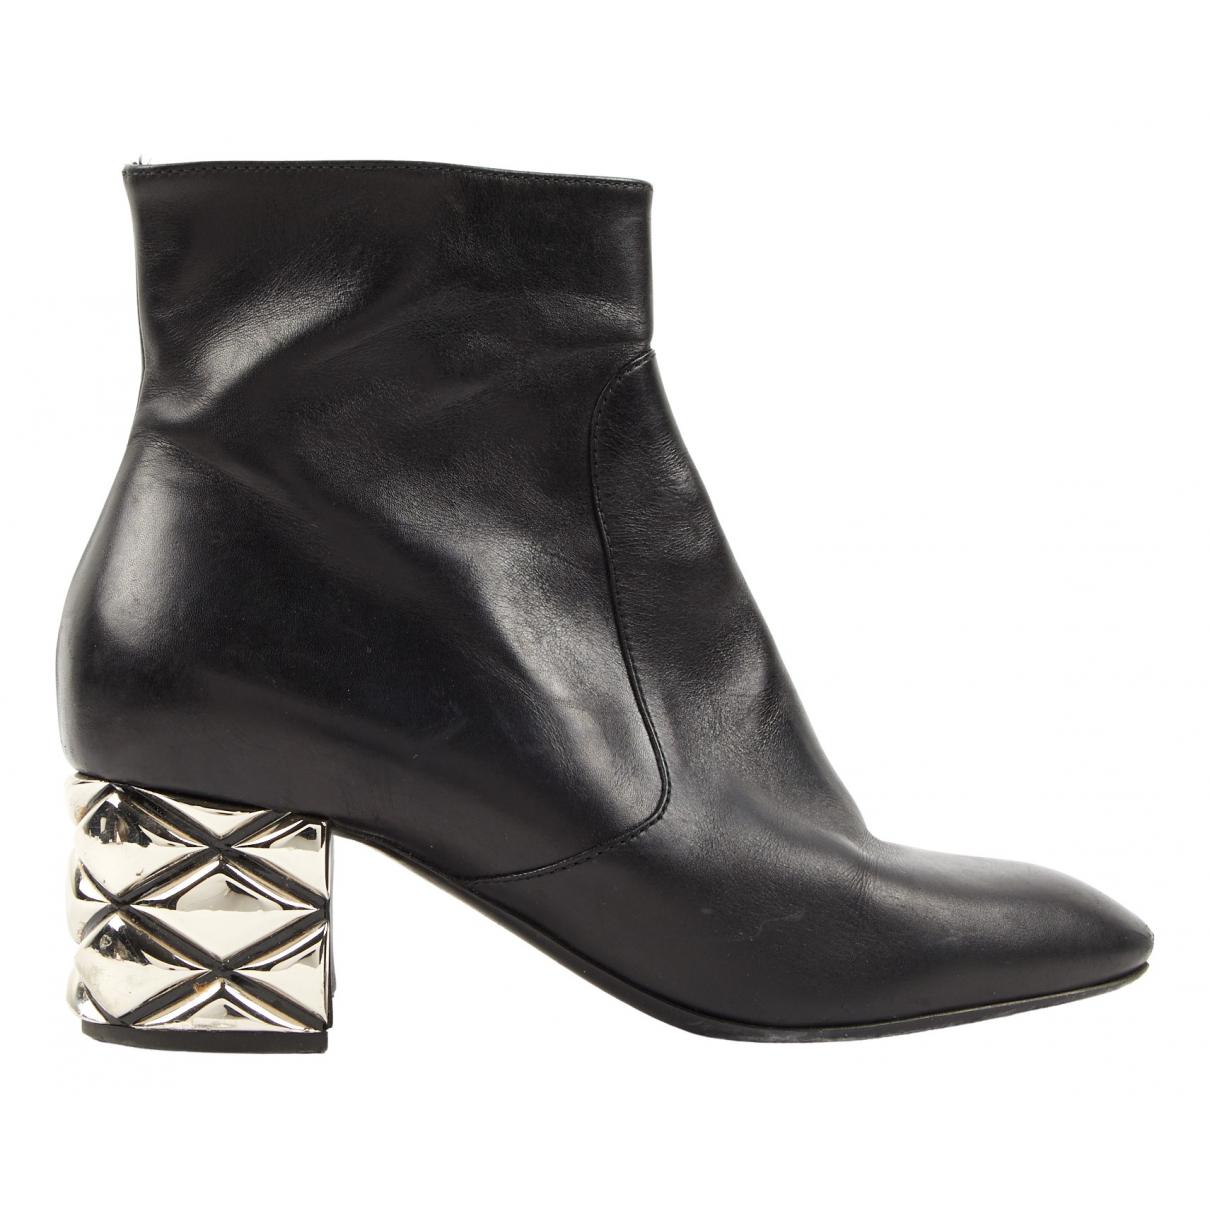 Louis Vuitton - Boots Skyline pour femme en cuir - noir